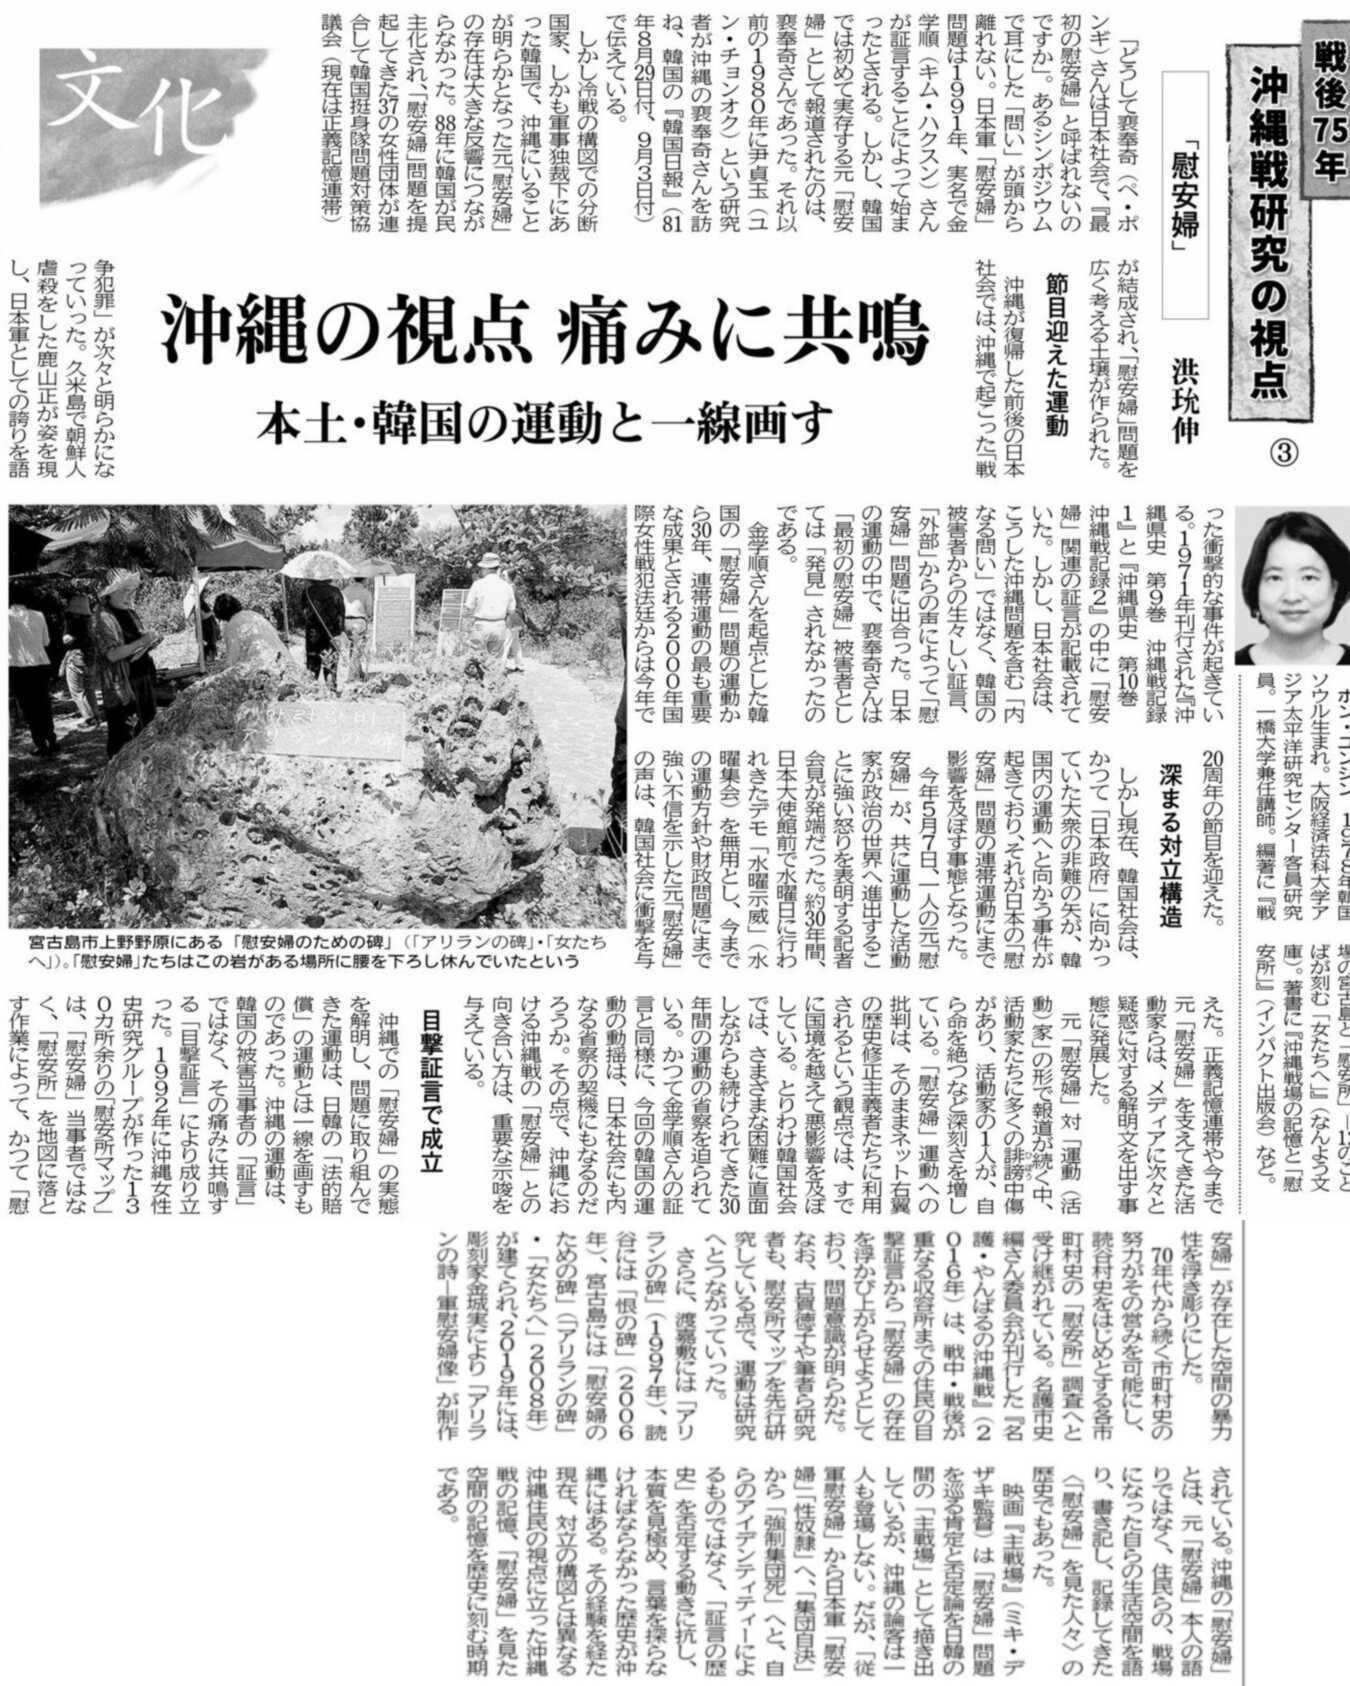 times2020 0619洪(ホンユンシン)さん